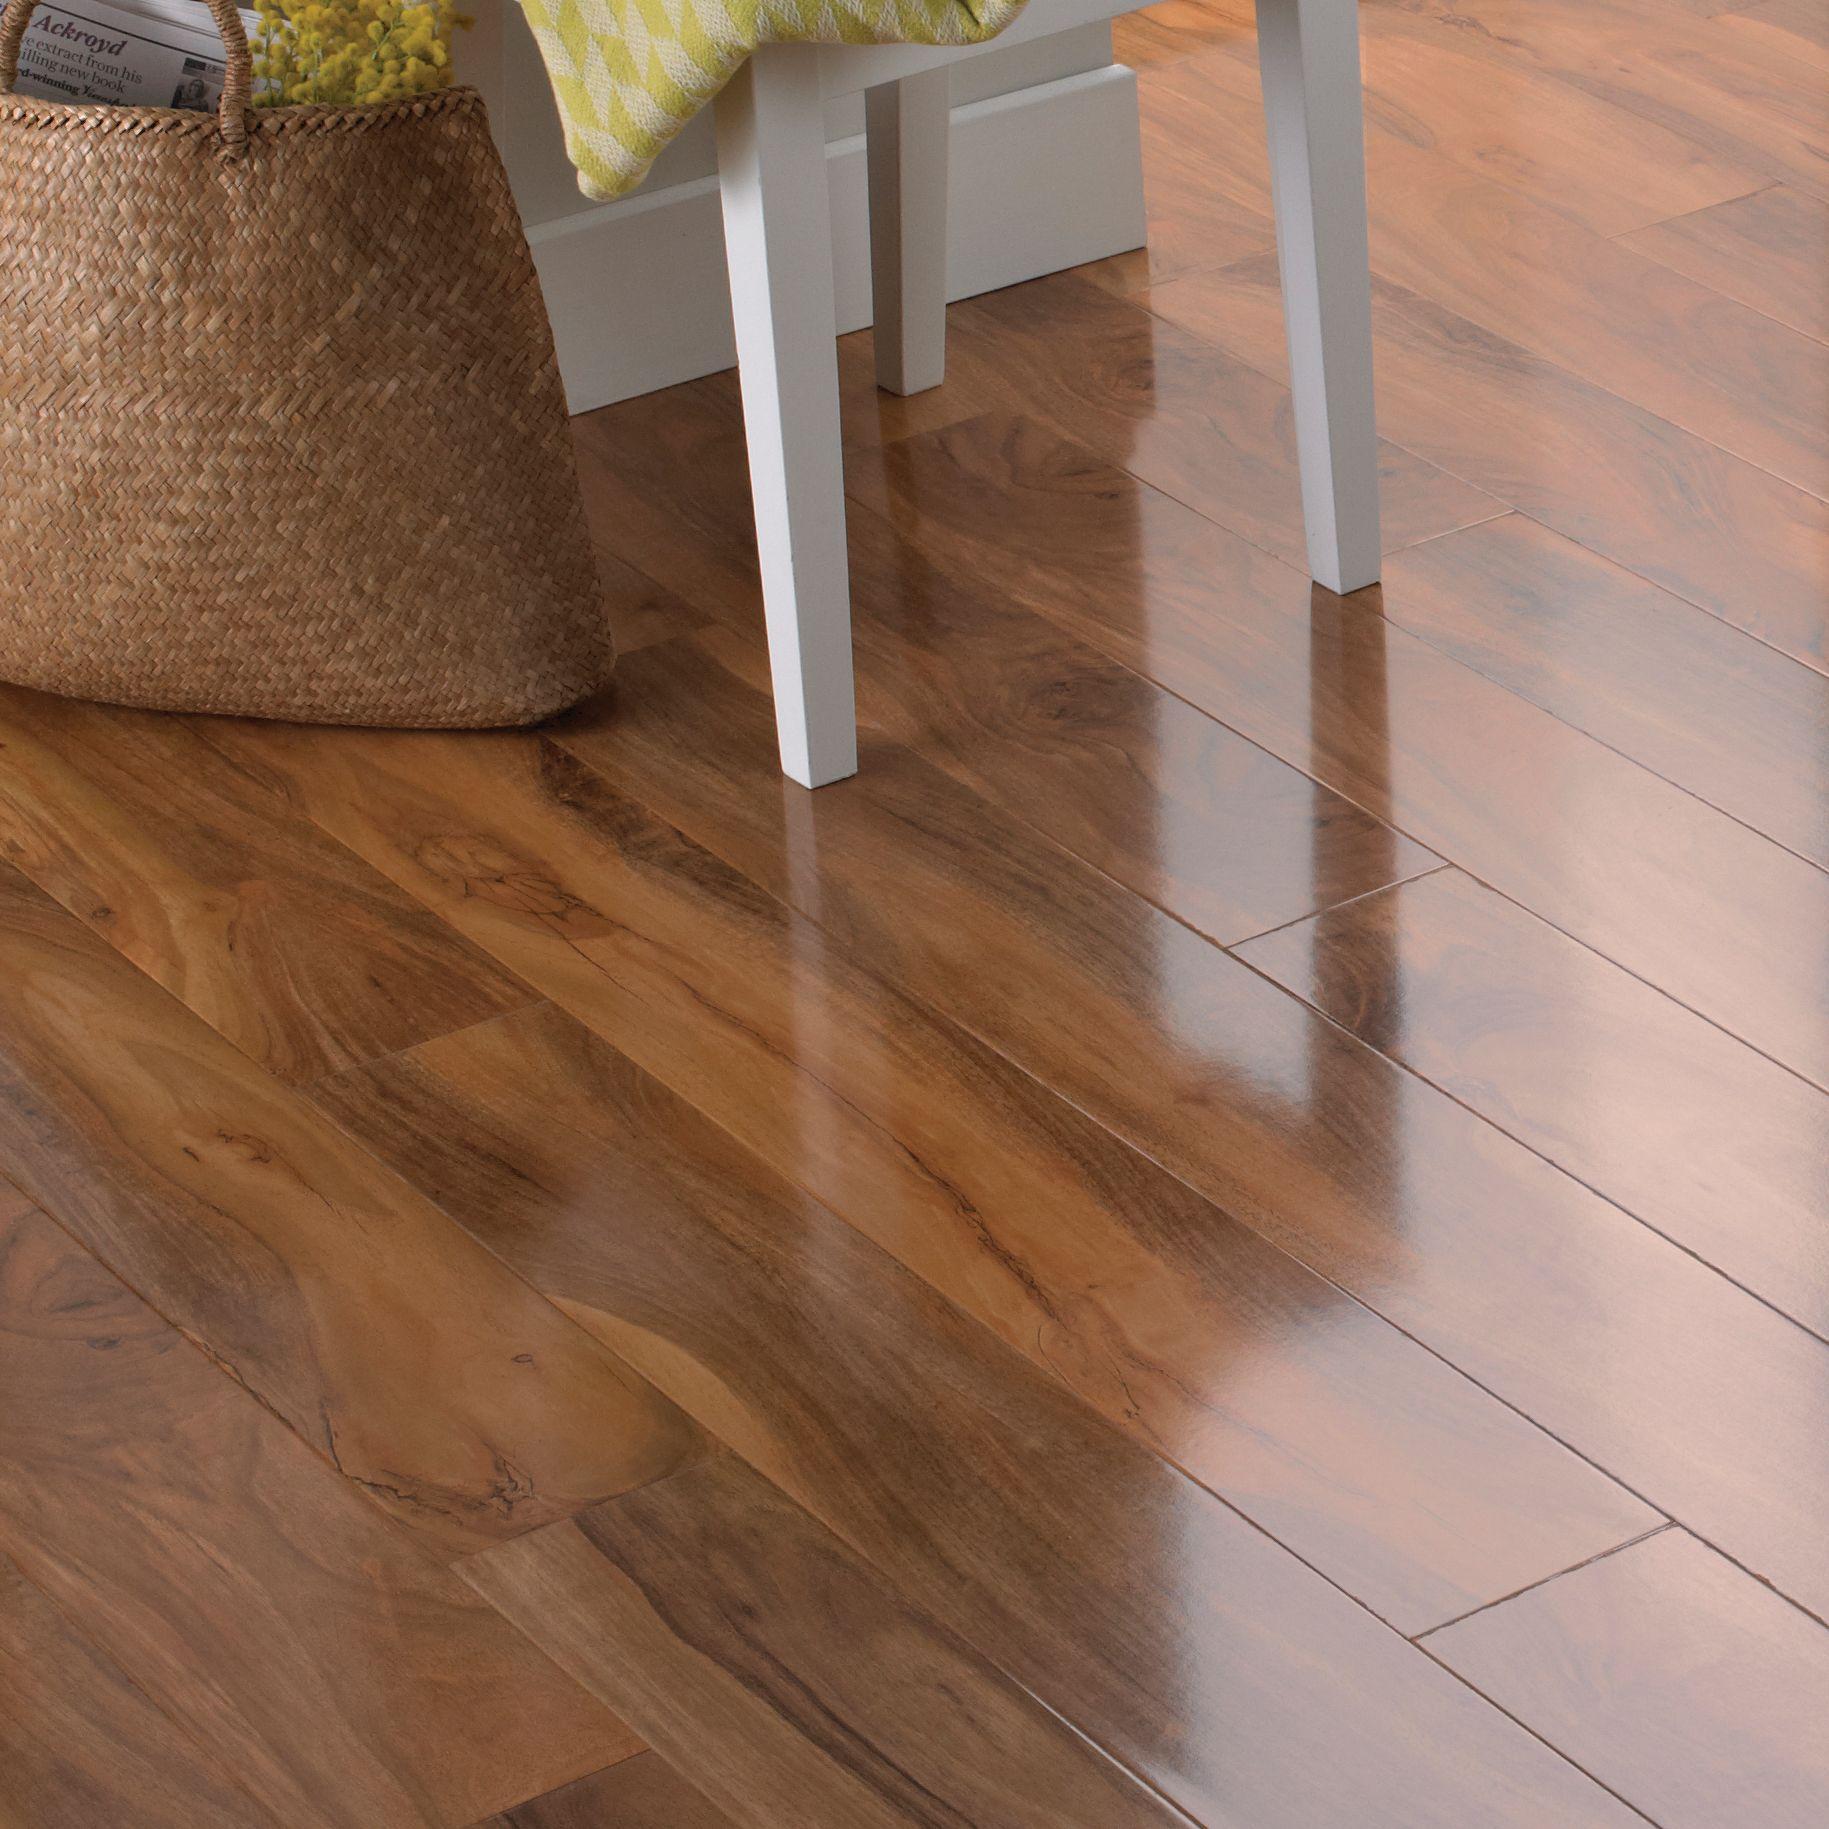 Leggiero beige tile effect laminate flooring m2 pack for Laminate vinyl tile flooring